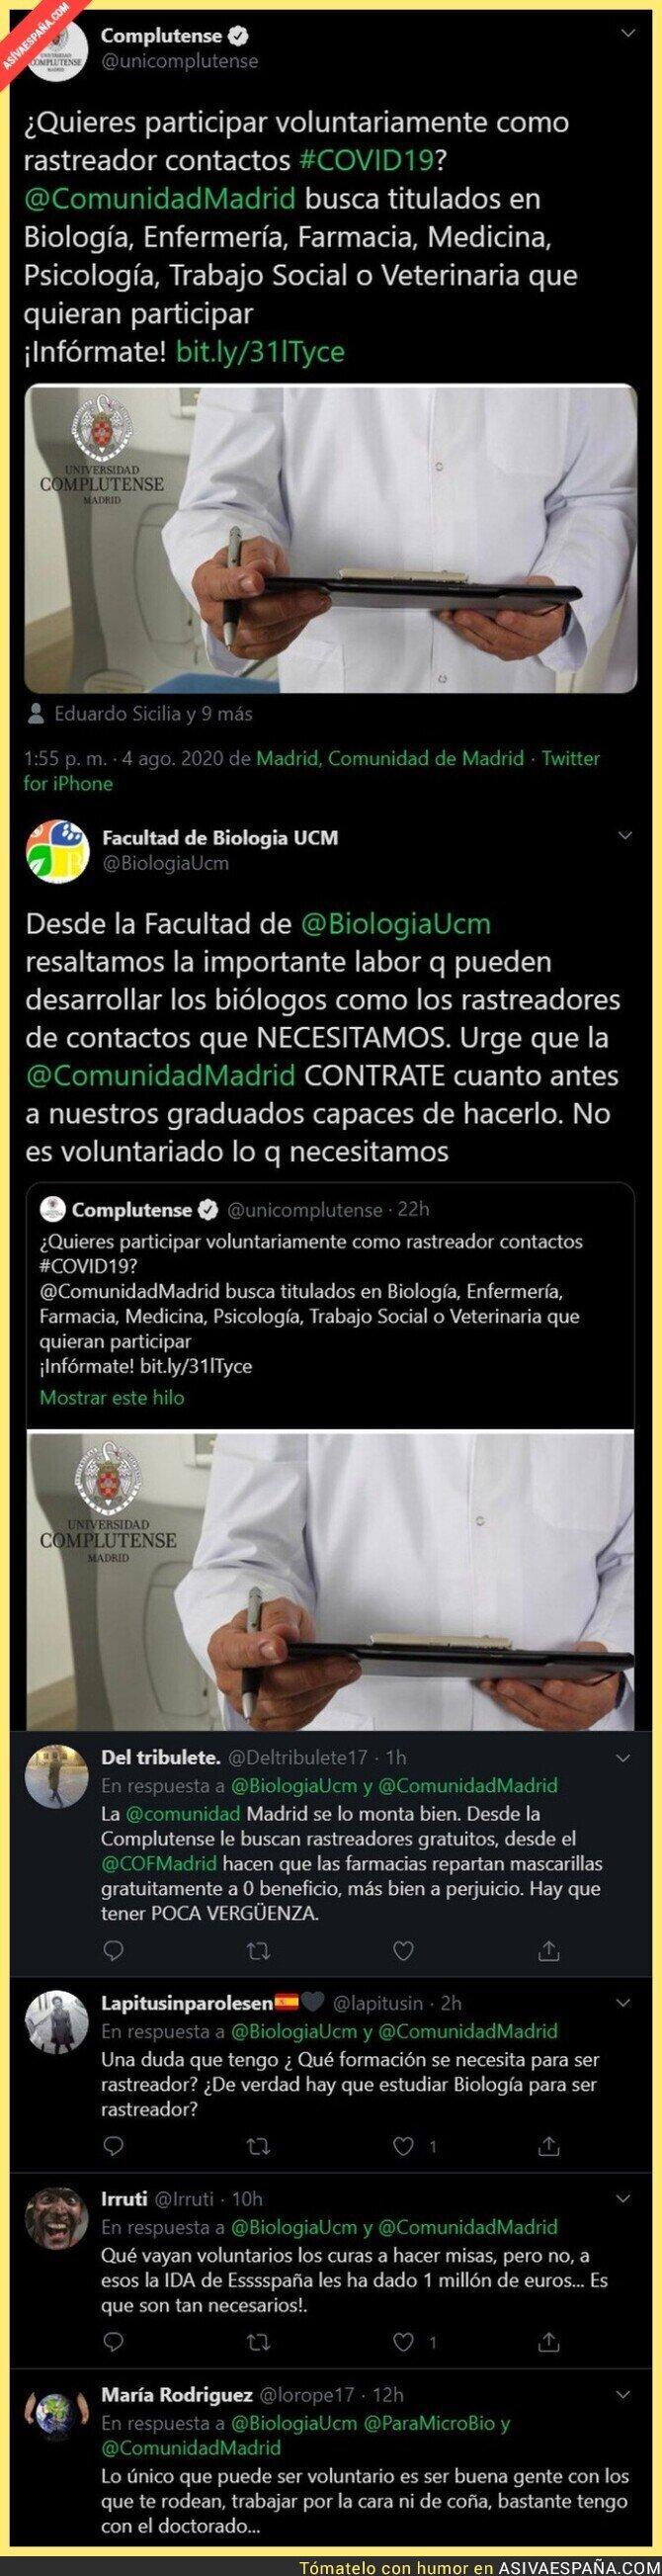 305912 - La facultad de Biología de la UCM le da un ZASCA monumental a la Complutense de Madrid por buscar voluntarios contra el COVID19